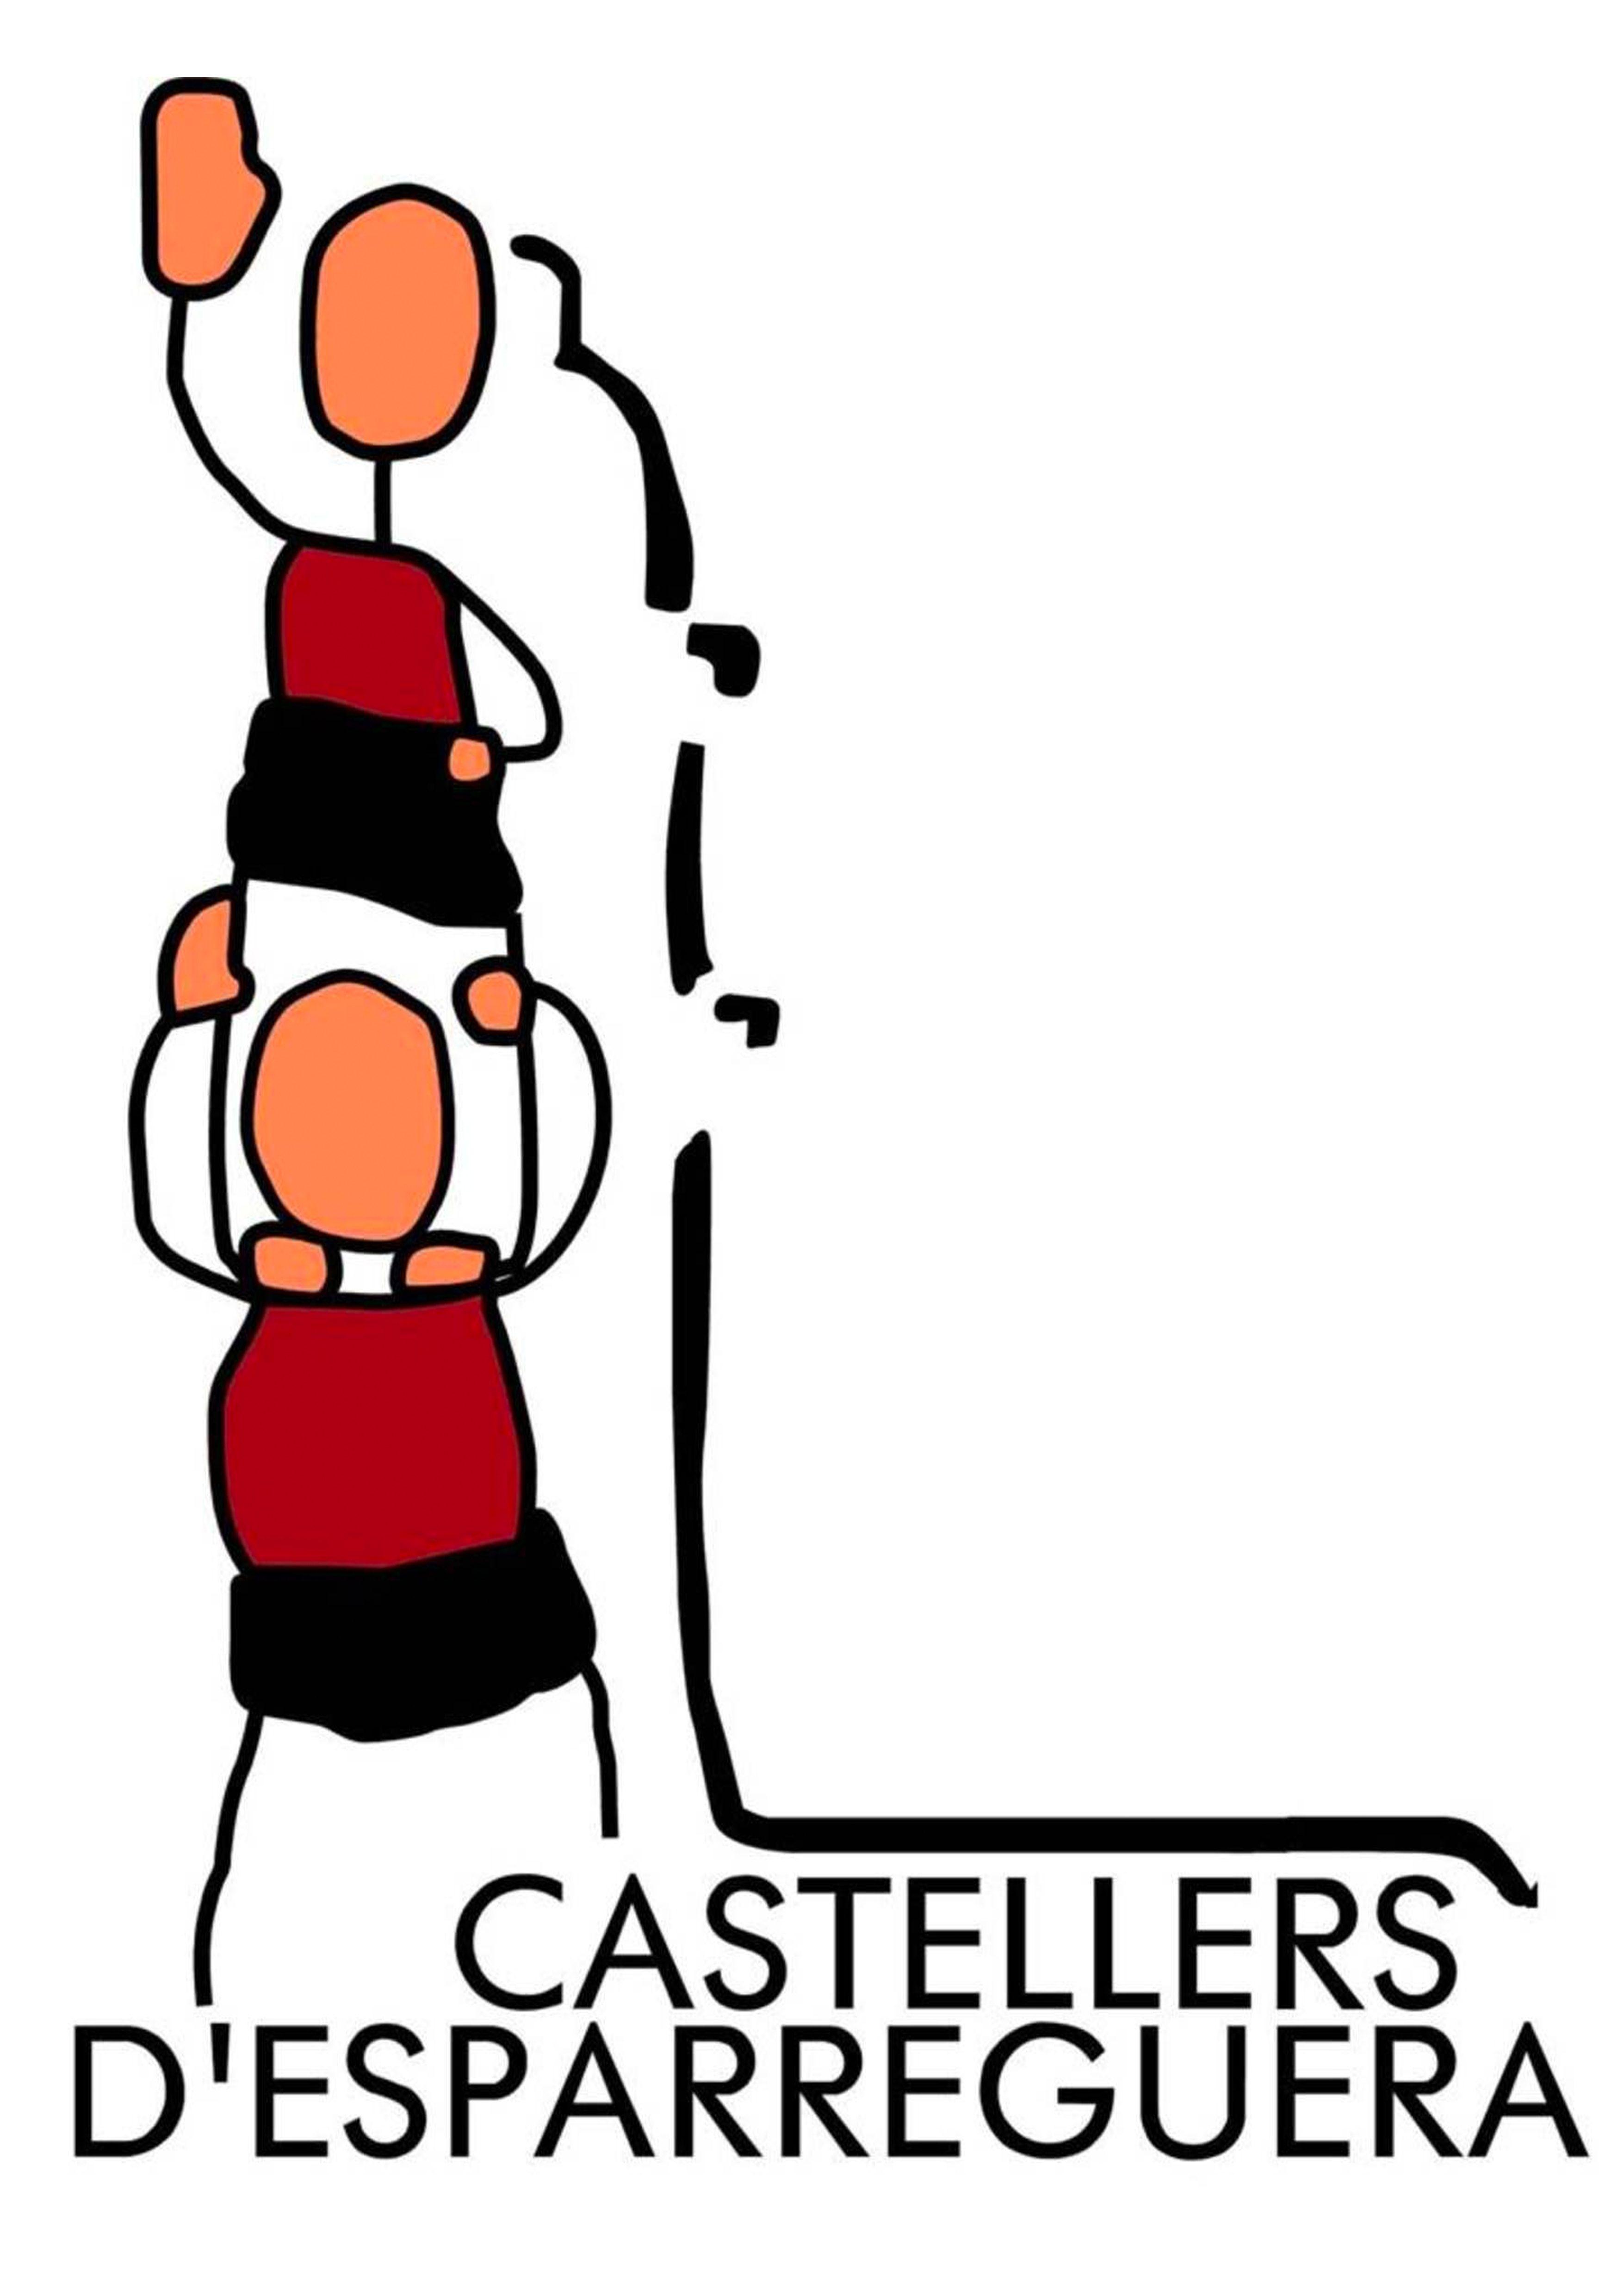 Castellers d'Esparreguera